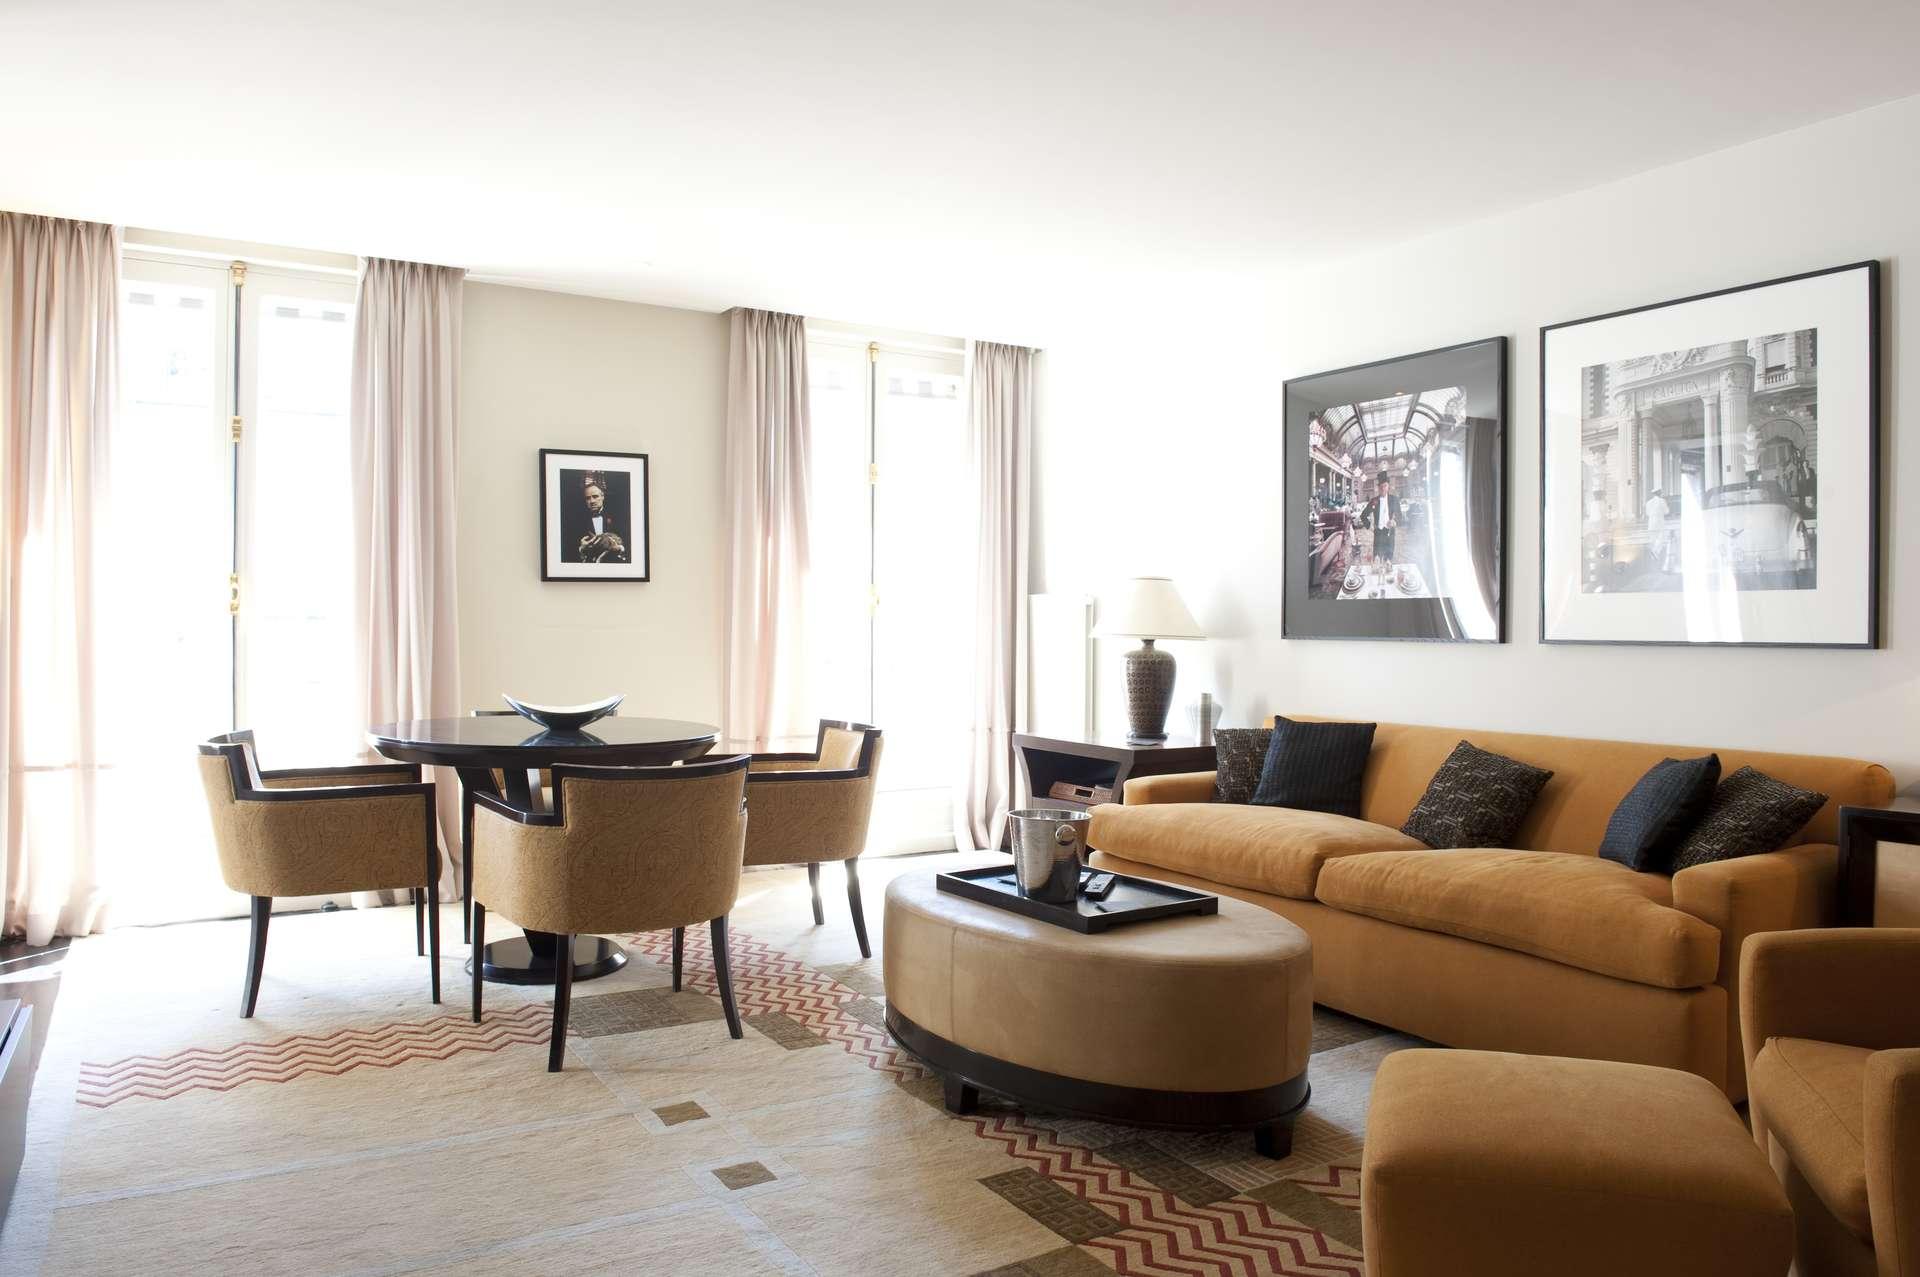 Luxury vacation rentals europe - France - Ile de france paris area - Paris - Hermes | Paris - Image 1/10